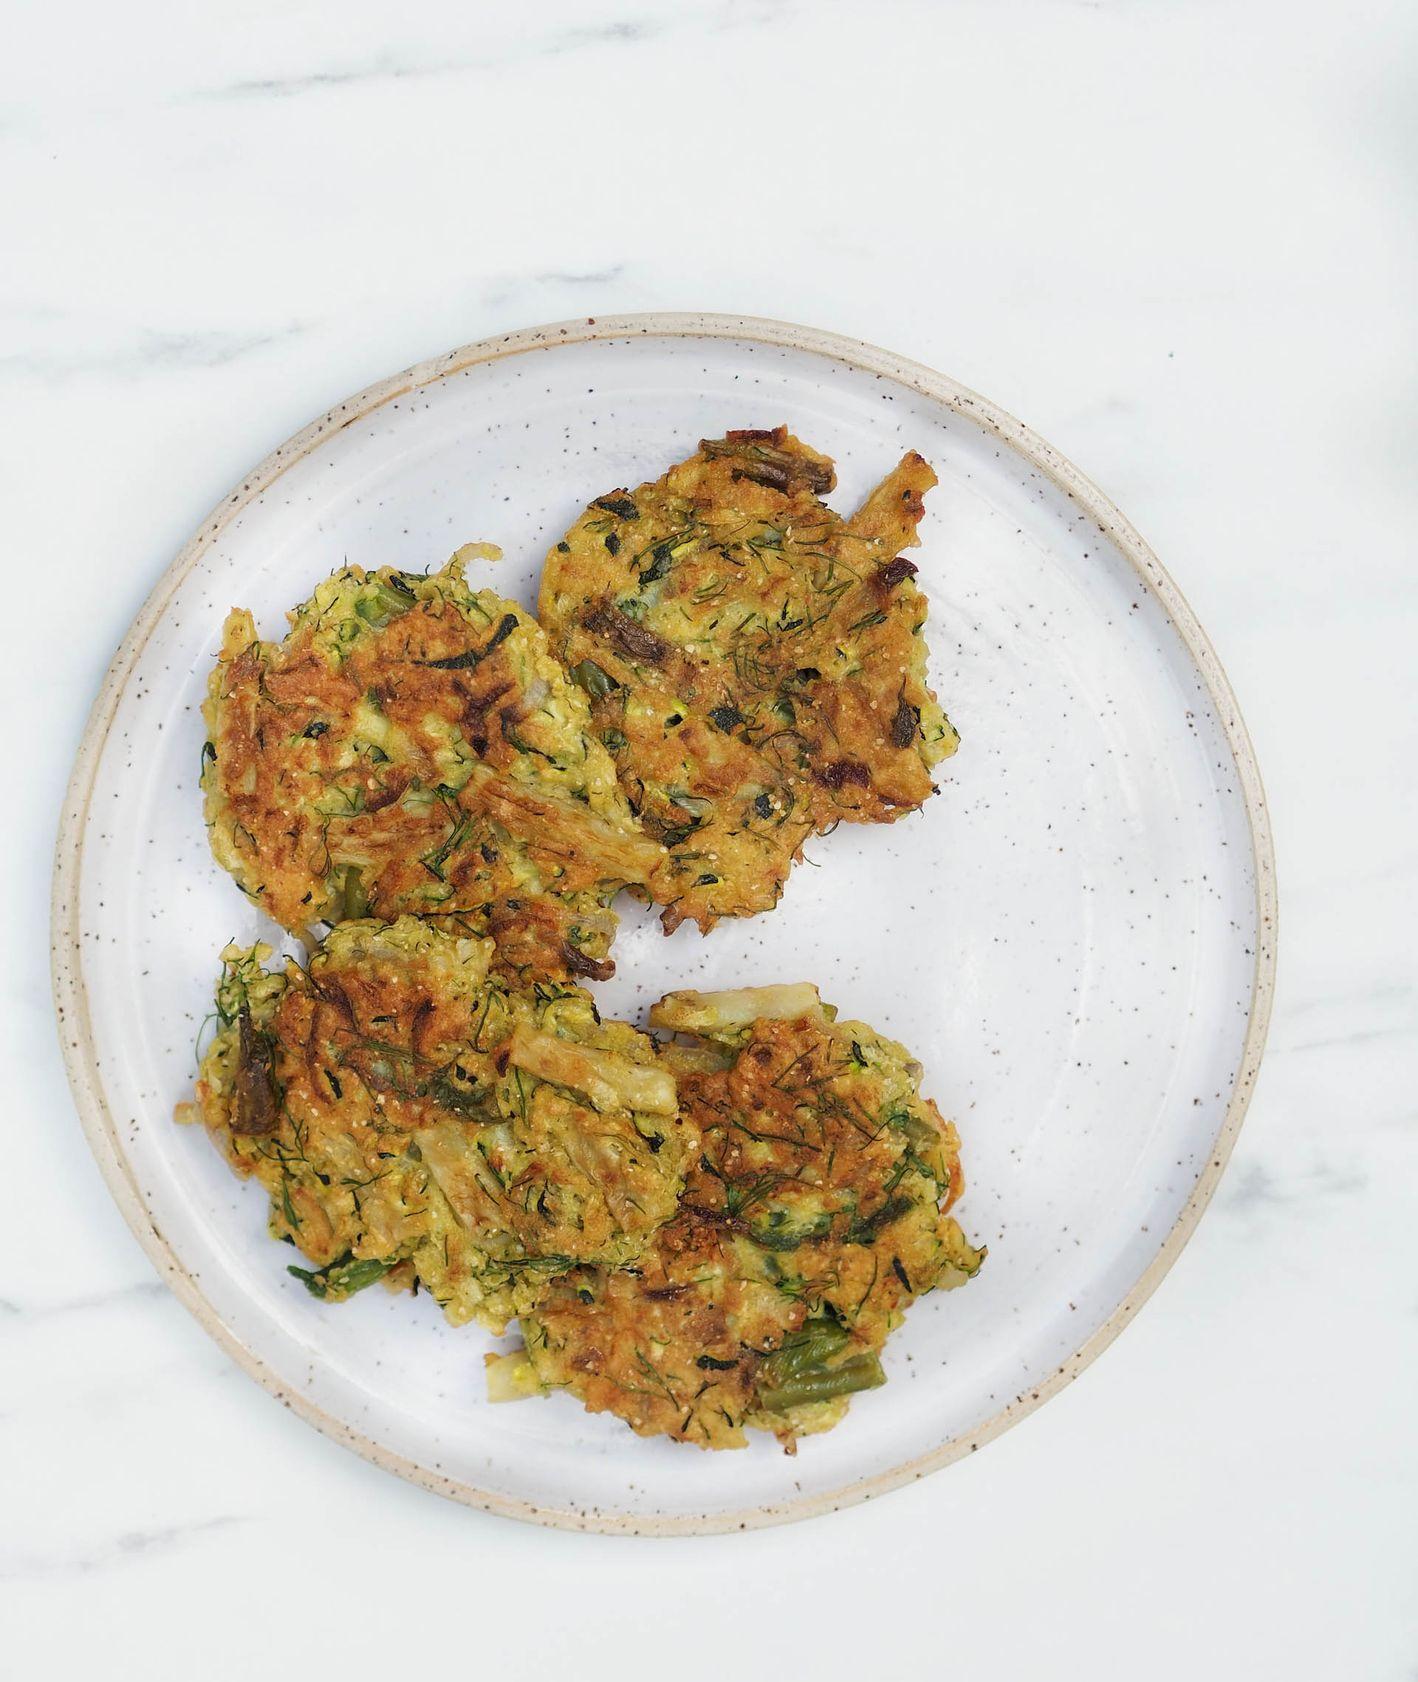 Smażone placki warzywne z fasolki szparagowej i cukinii (fot. Aleksandra Jagłowska)